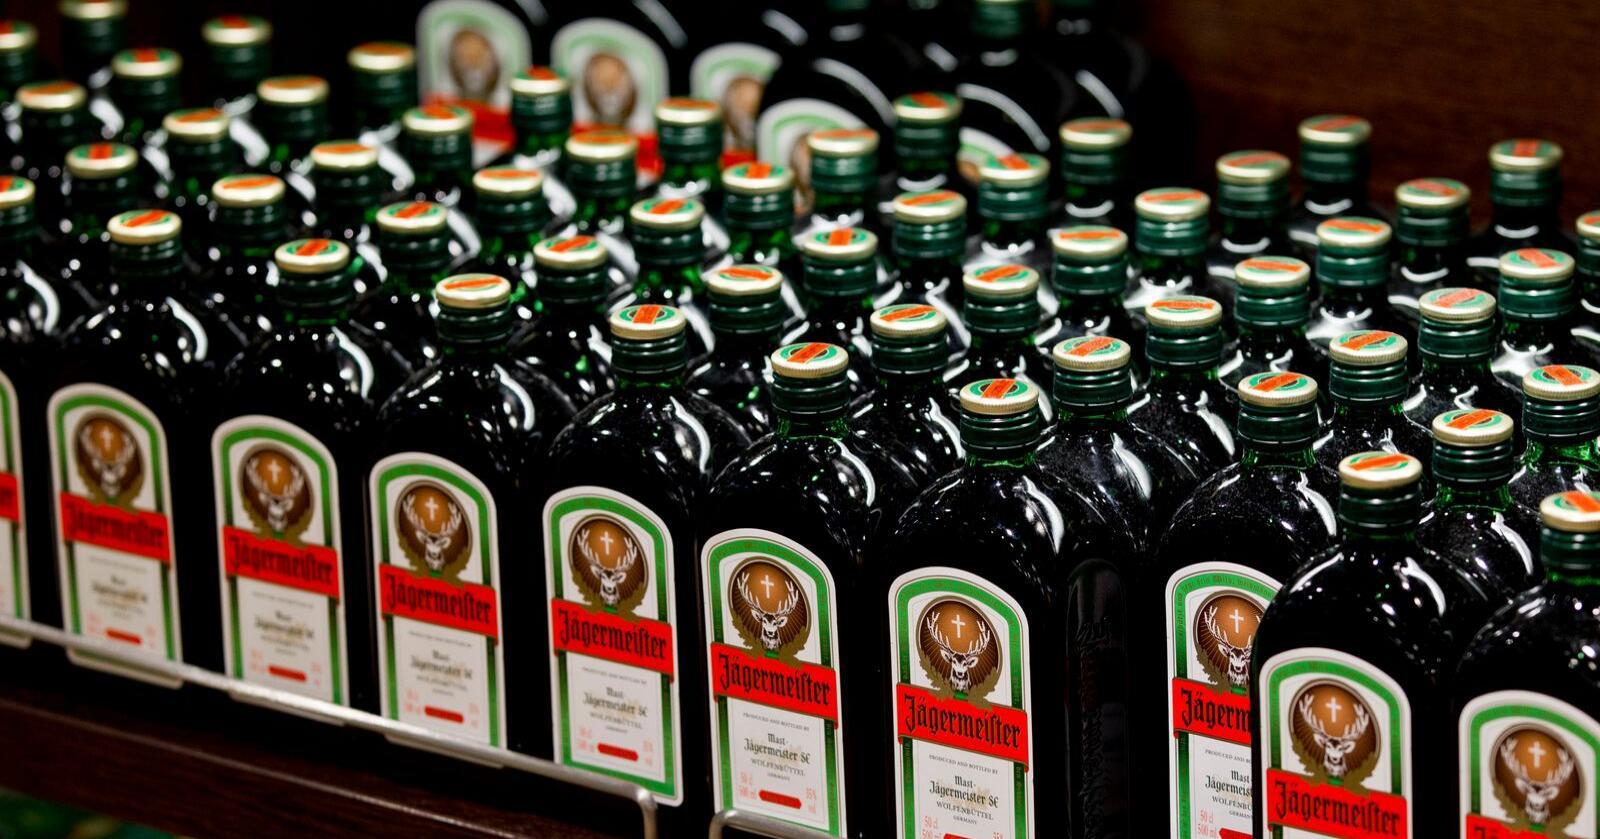 KrF ønsker merking av alkohol med advarsler. Foto: Vegard Grøtt / NTB